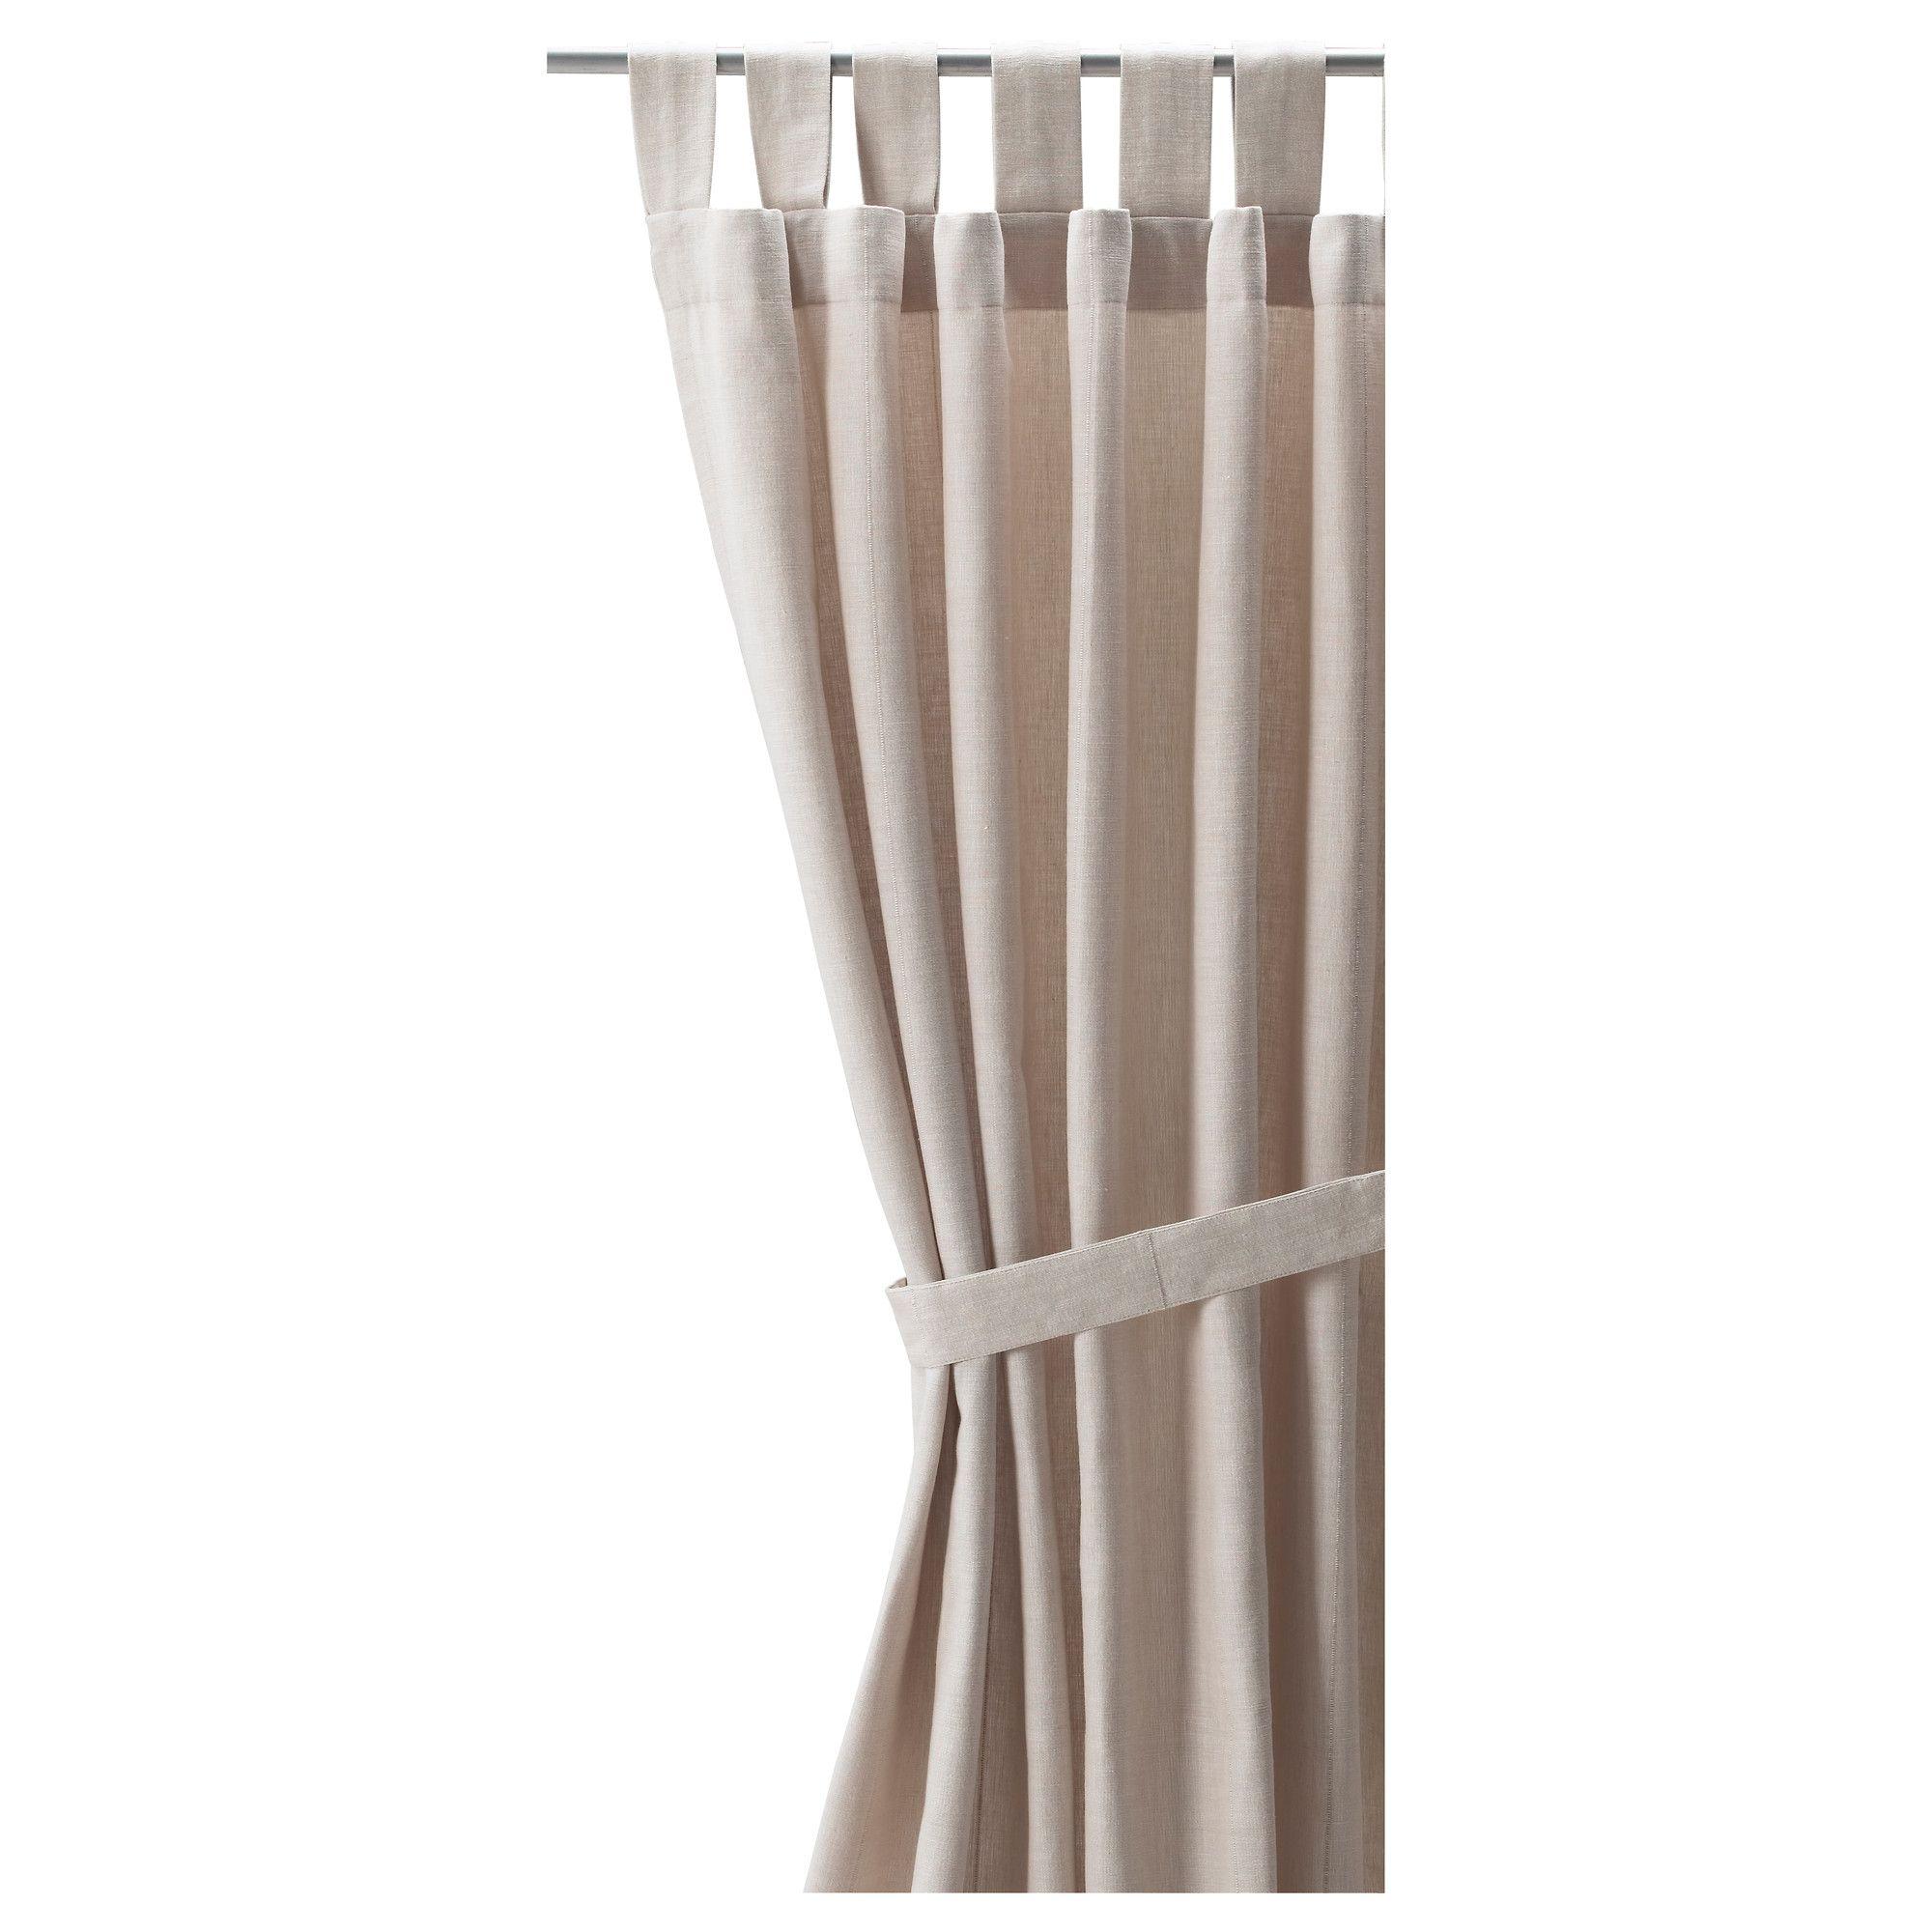 3 window bedroom curtains  lenda curtains with tiebacks  pair light beige  light beige